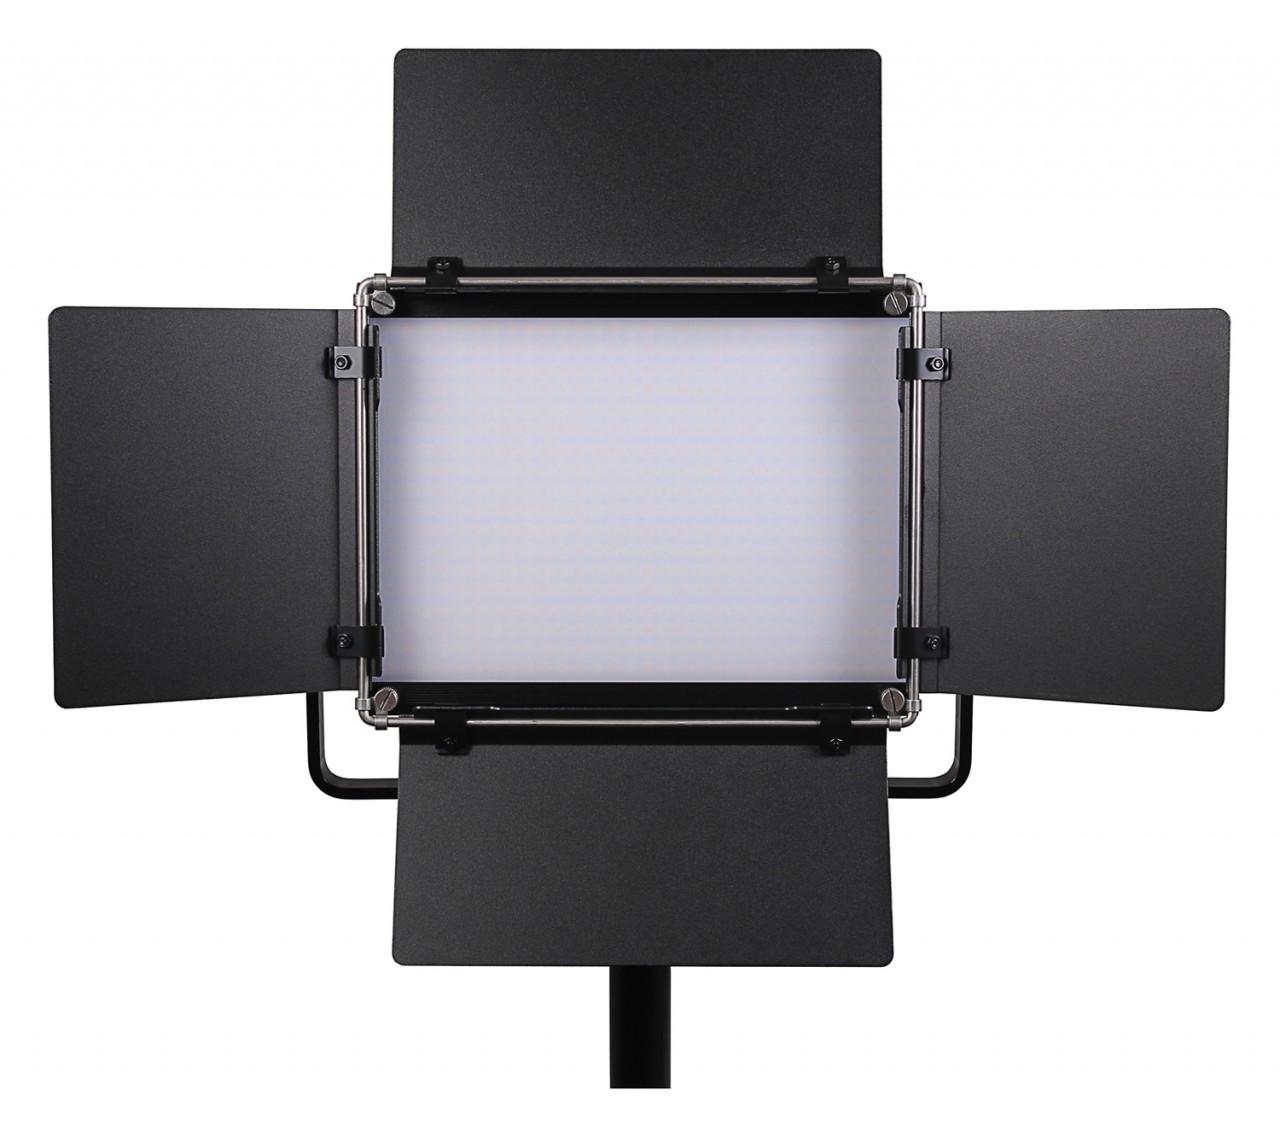 PATONA Premium LED professional photo video light LED-540ASR